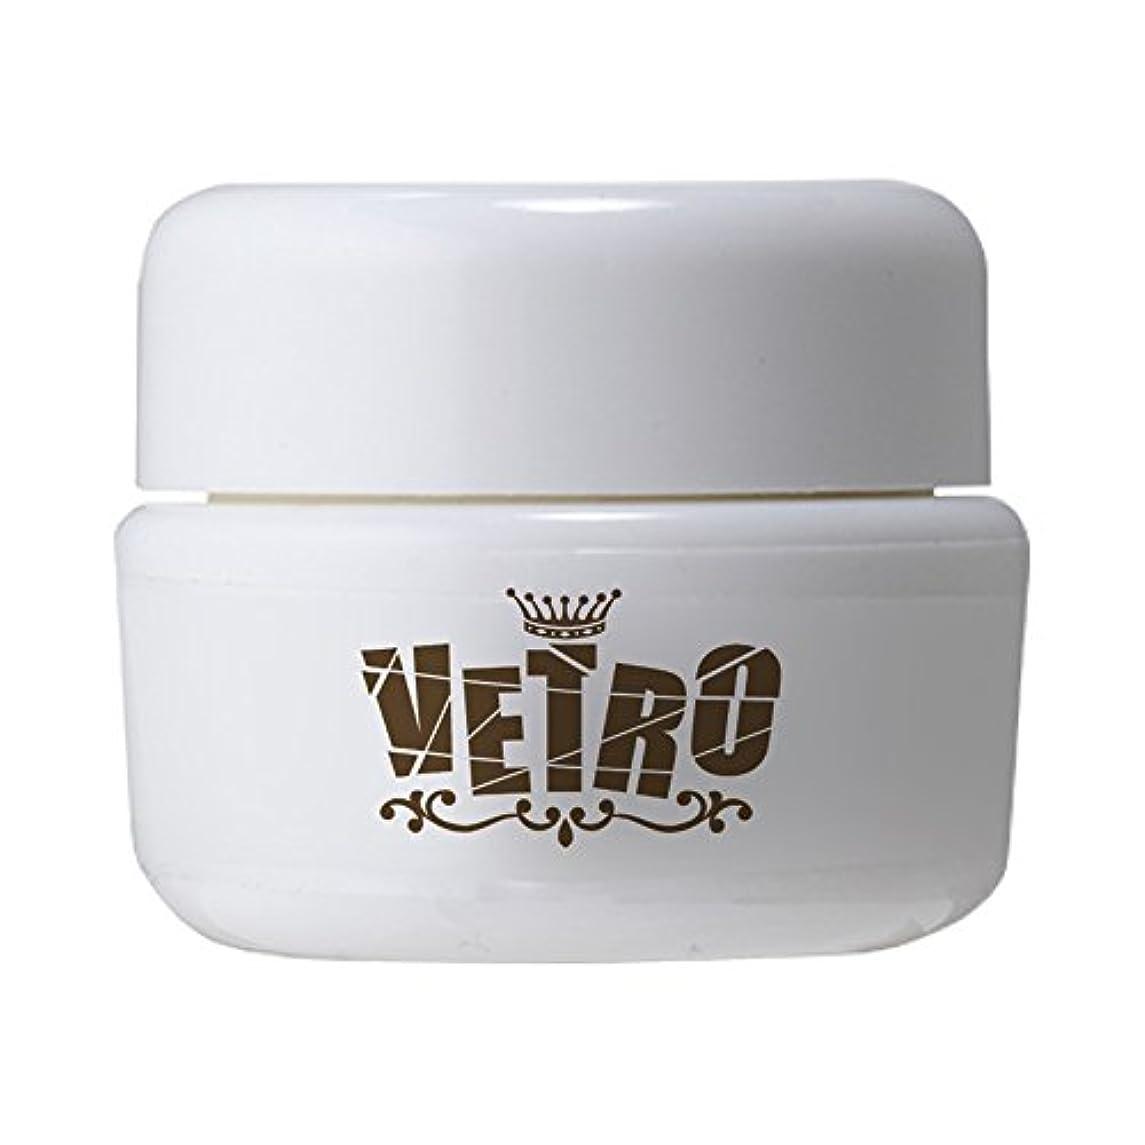 支払いしなやか平和VETRO No.19 カラージェル マット VL054 ジャパニーズビューティー 4ml